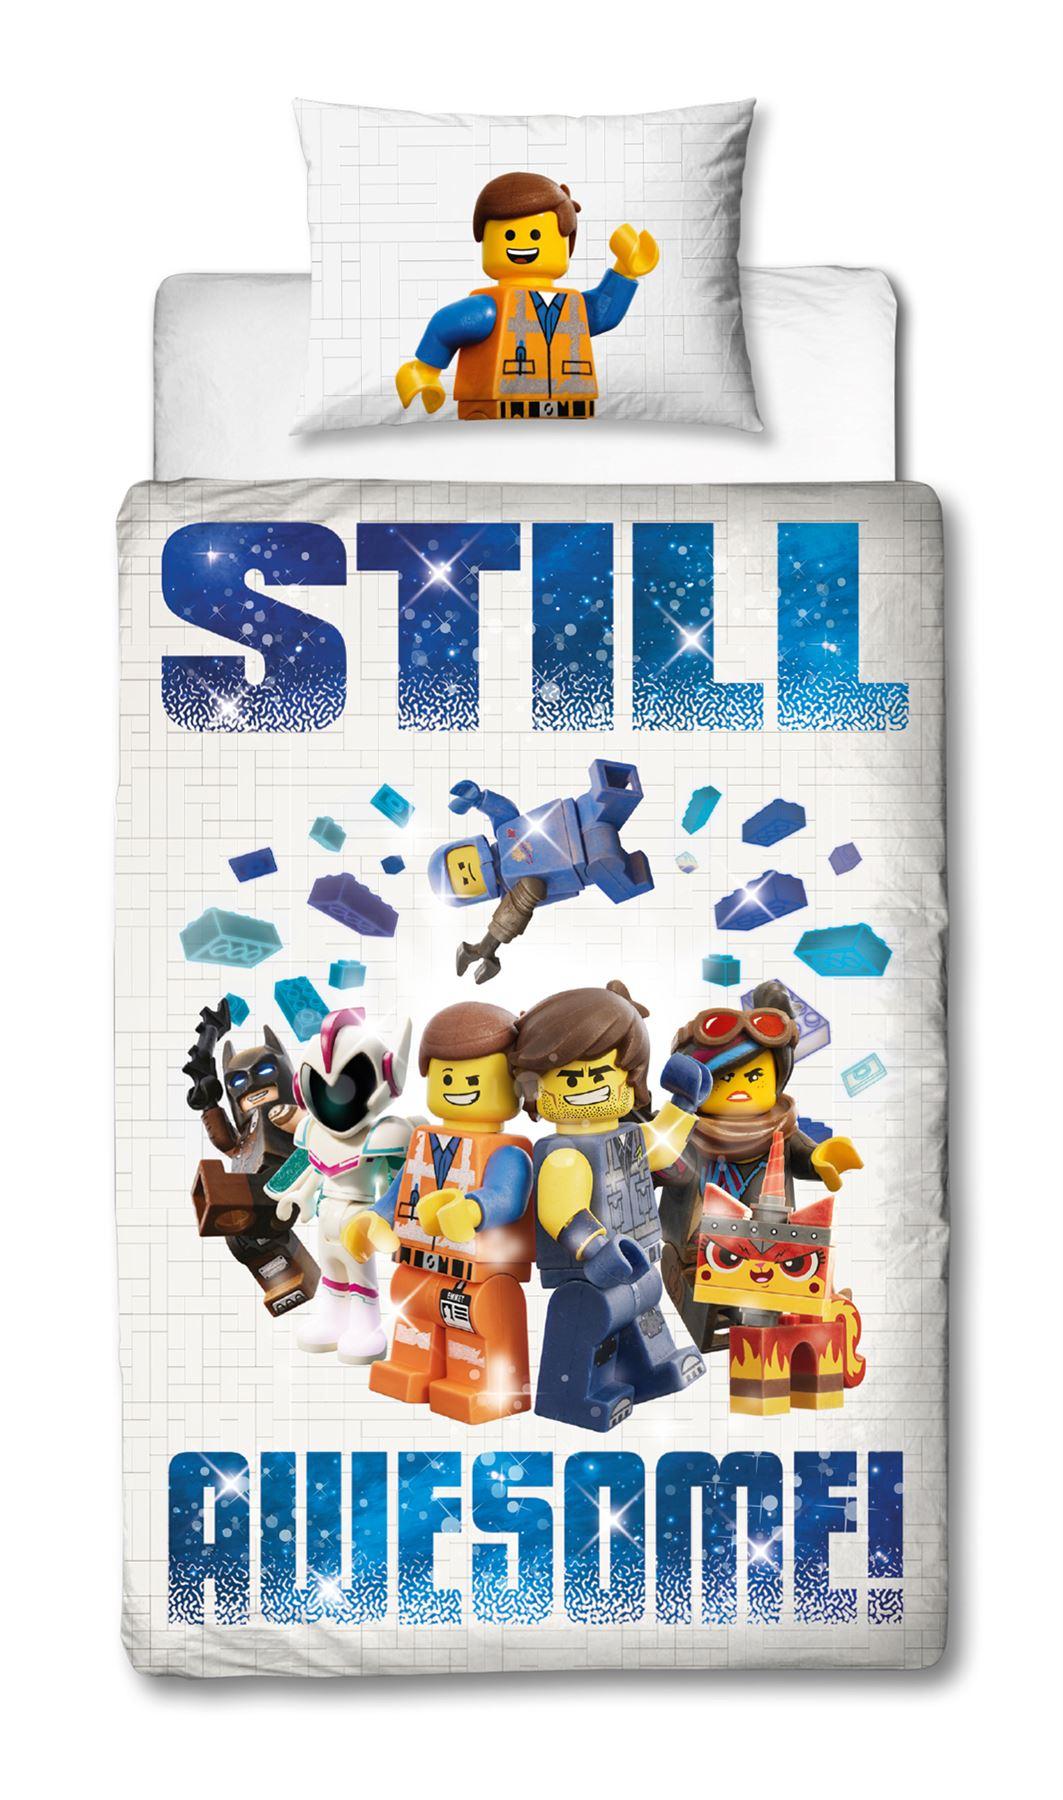 Official-Licensed-Lego-Duvet-Bedding-Ninjago-Batman-Star-Wars-Jurassic thumbnail 24